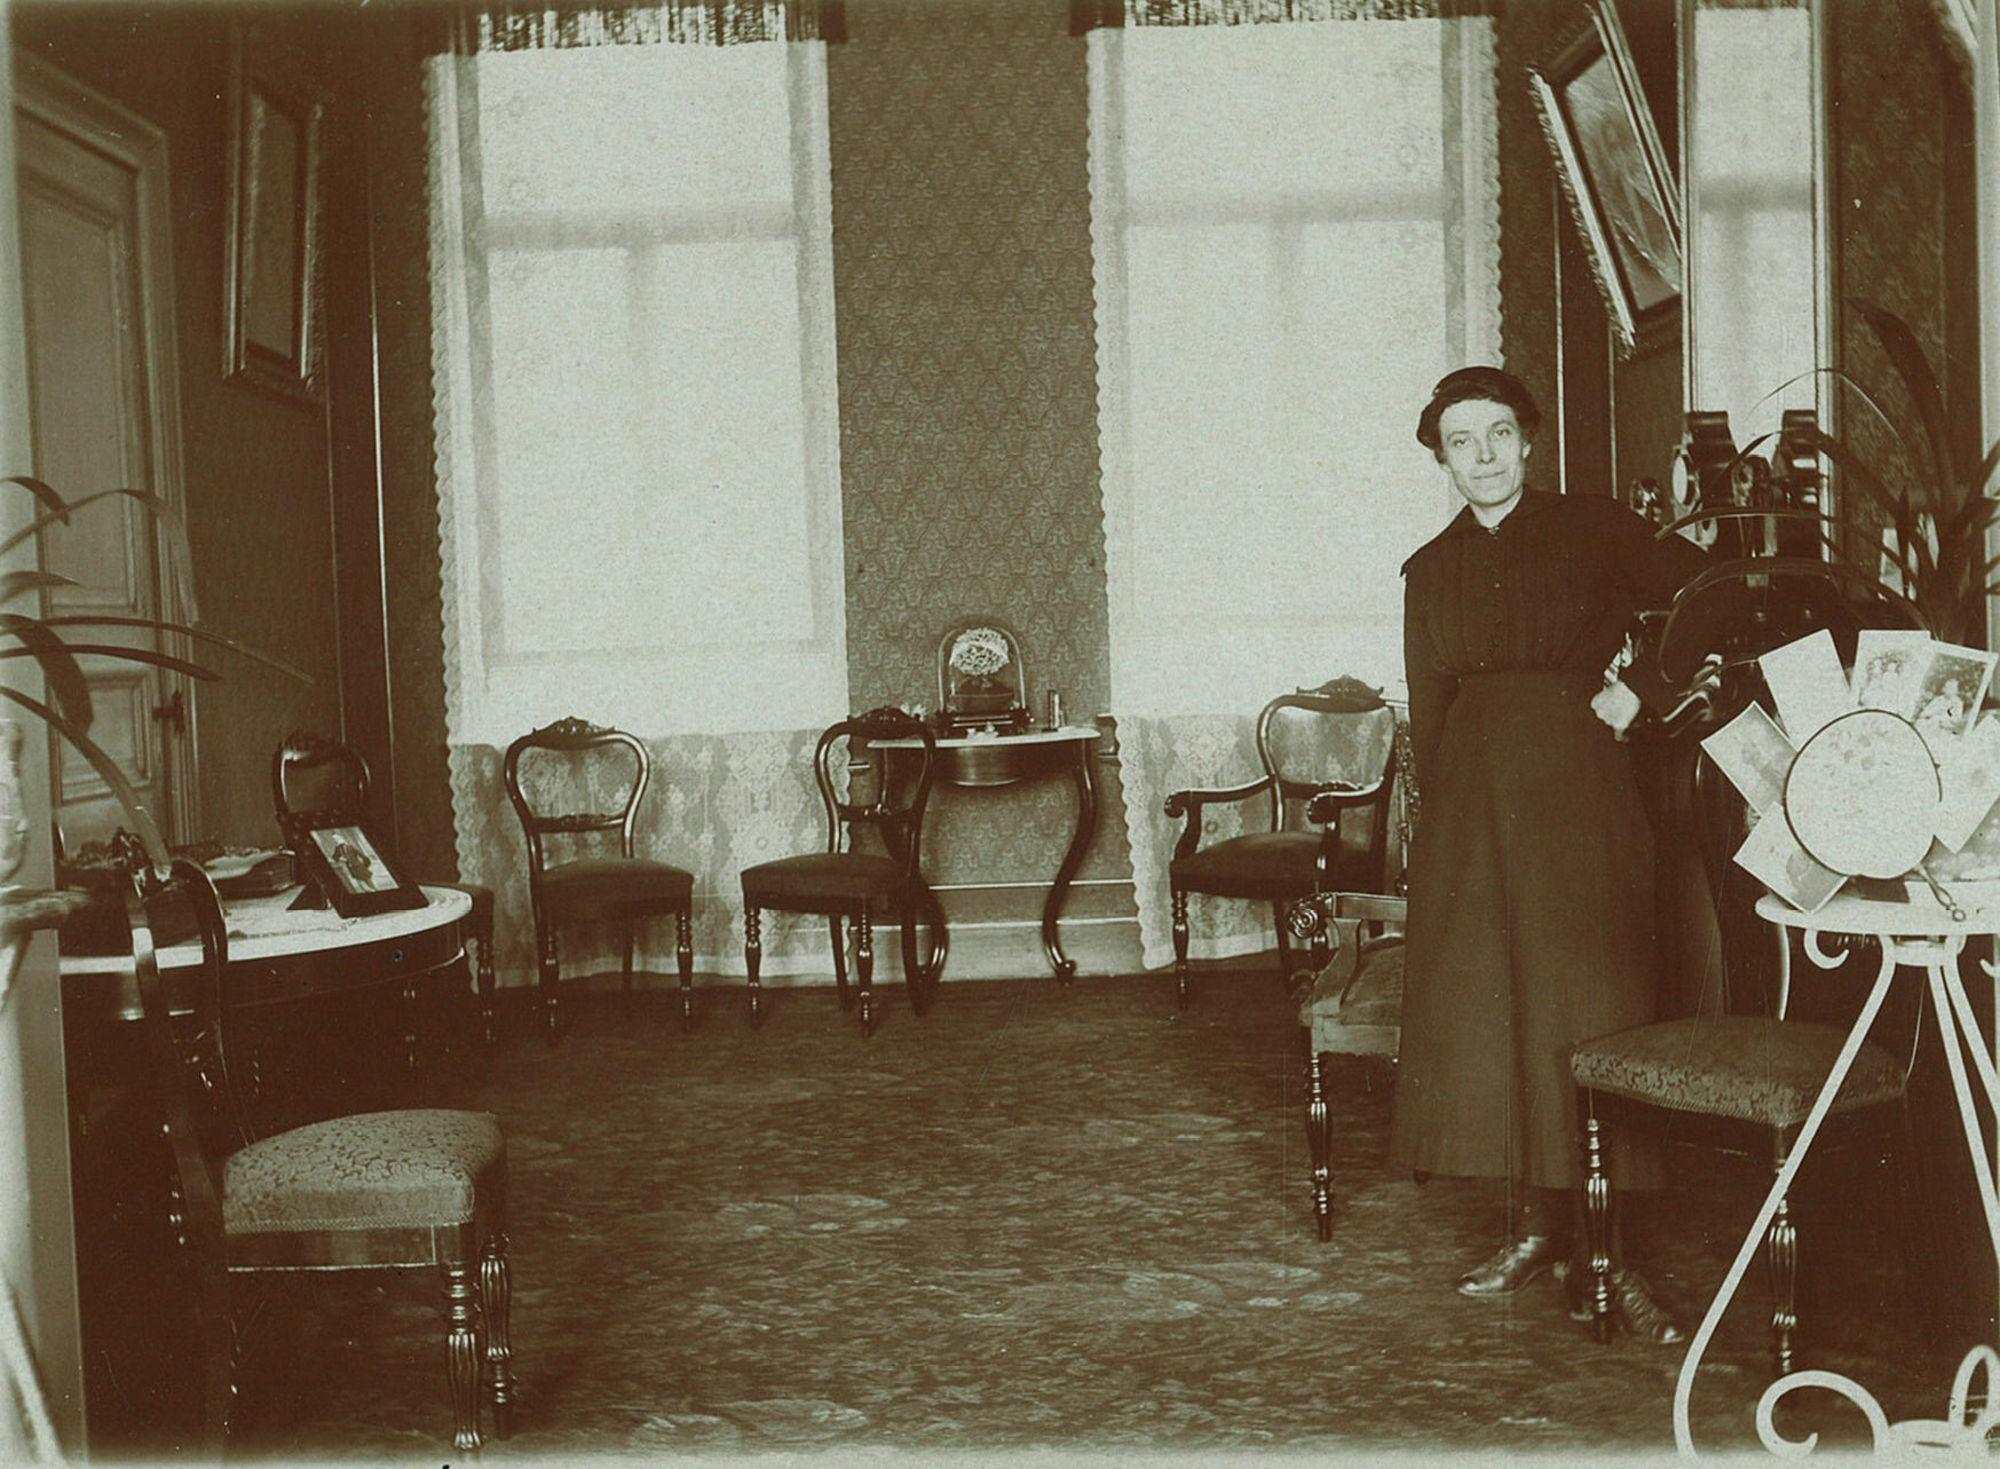 Woonkamer in een herenhuis in 1920